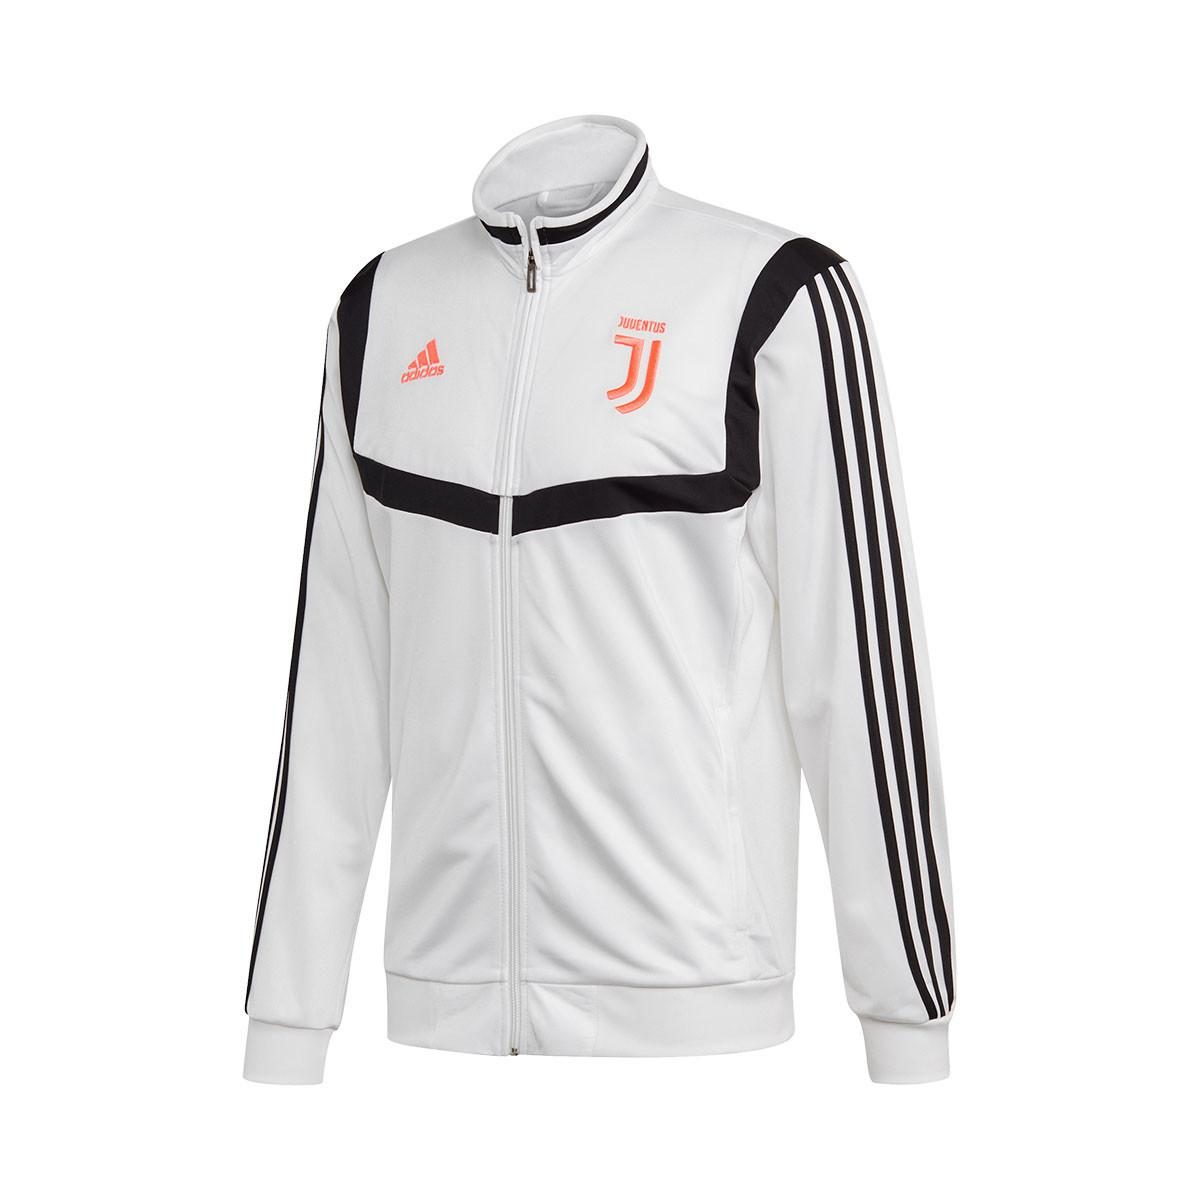 Chándal Juventus PES 2019-2020 White-Black